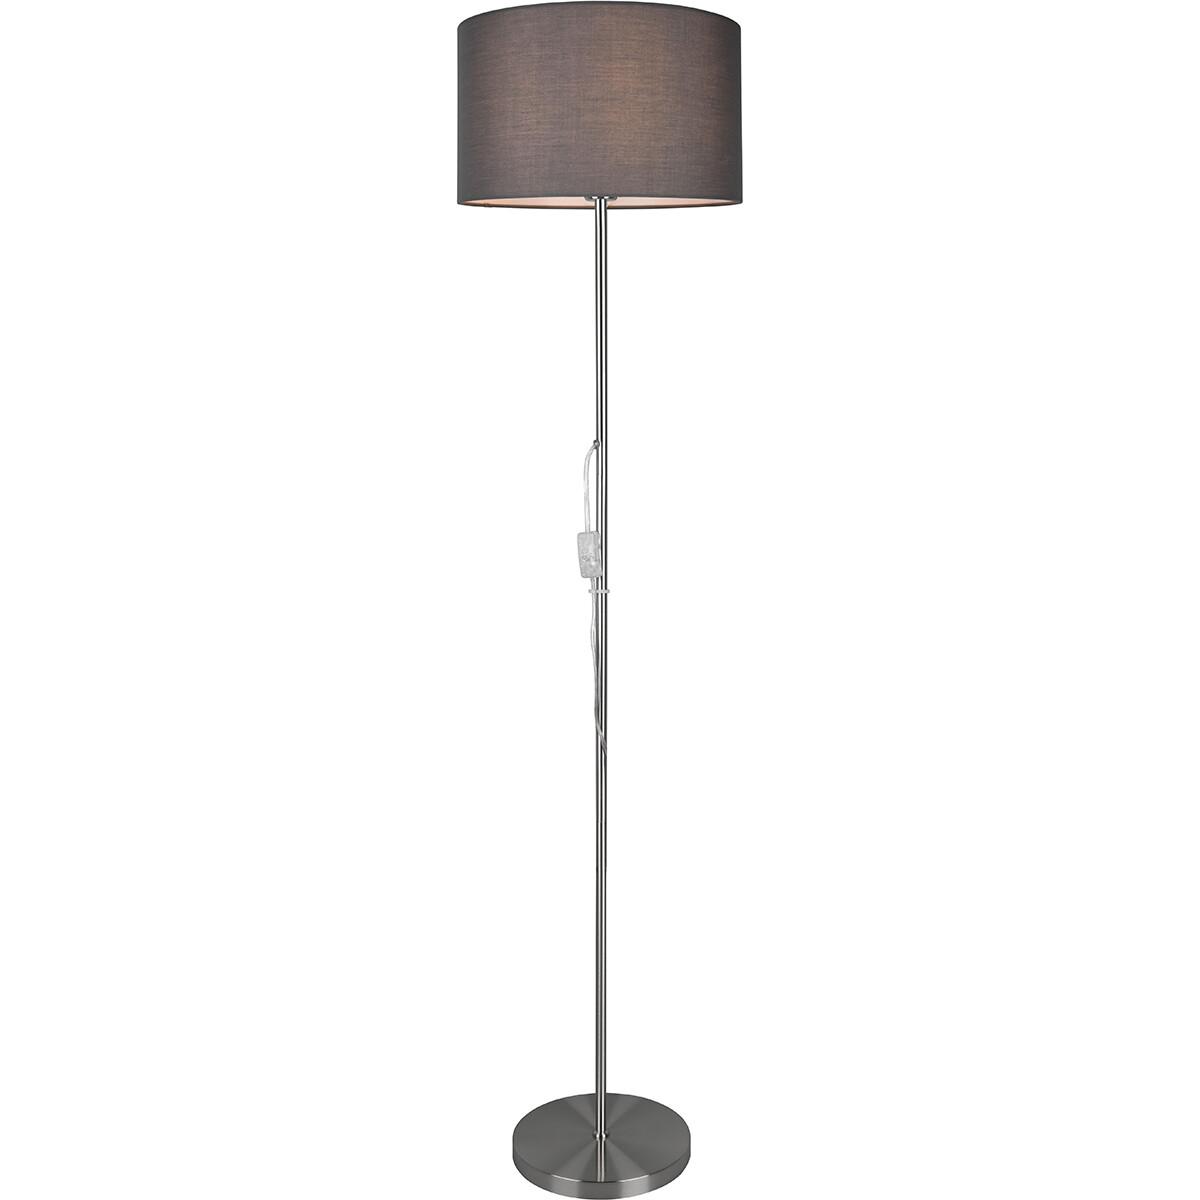 LED Vloerlamp - Trion Candimo - E27 Fitting - Rond - Mat Nikkel - Aluminium